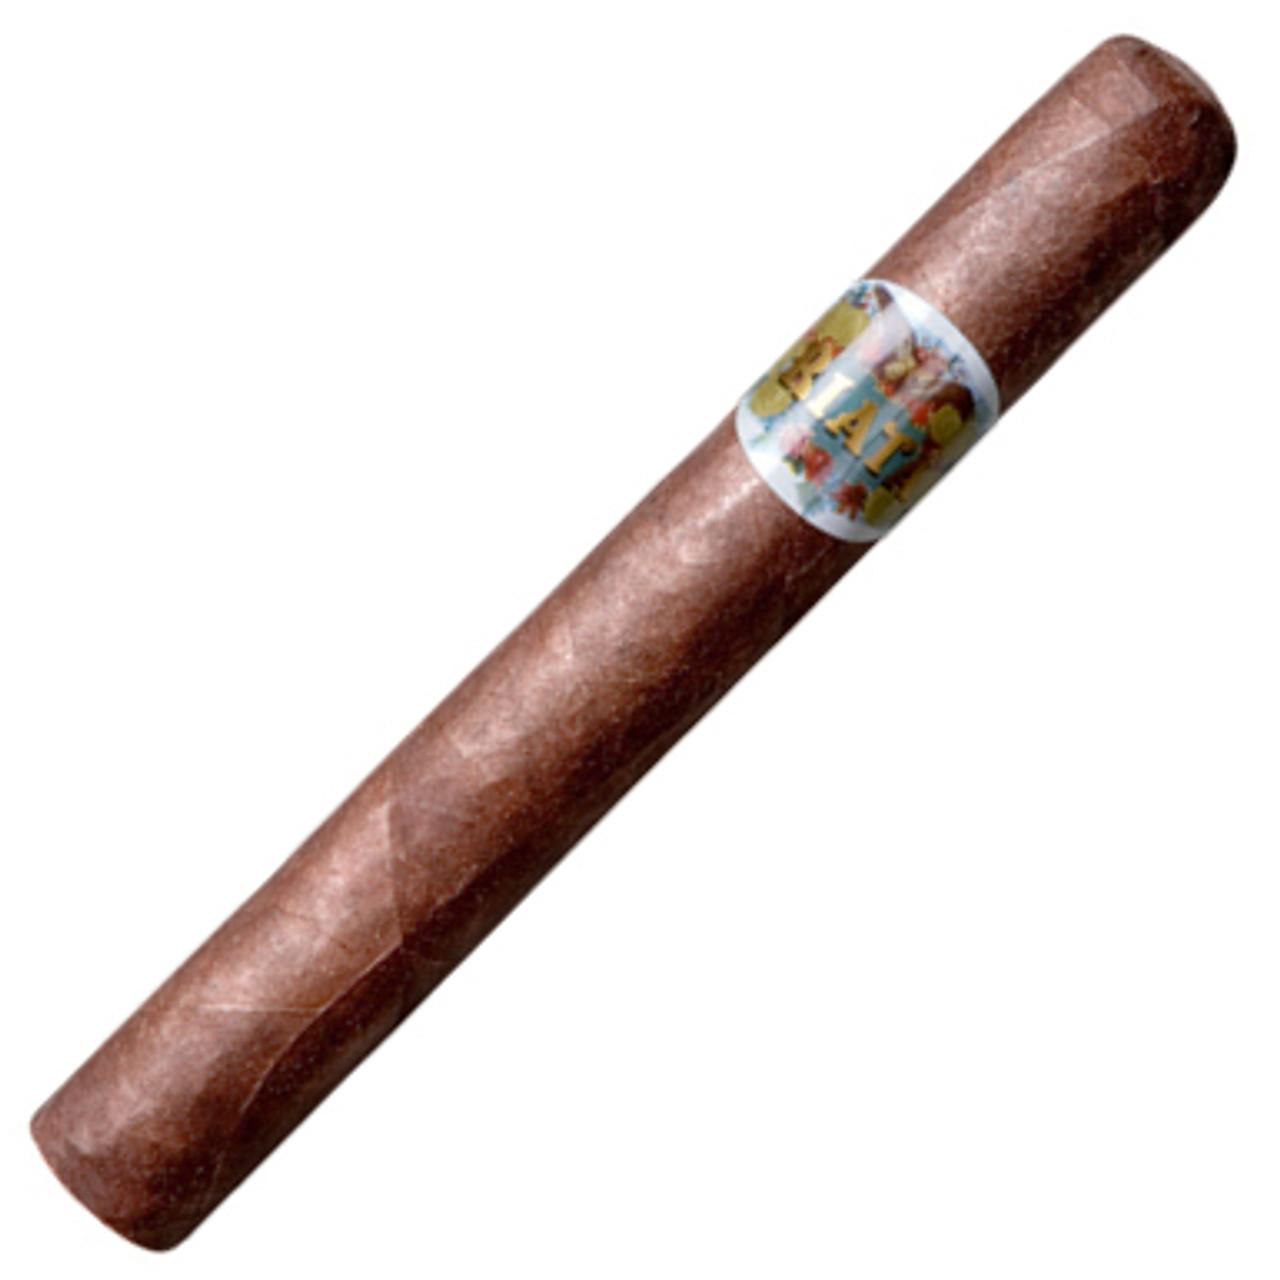 Riata No. 500 Cigars - 6.62 x 44 (Bundle of 20)